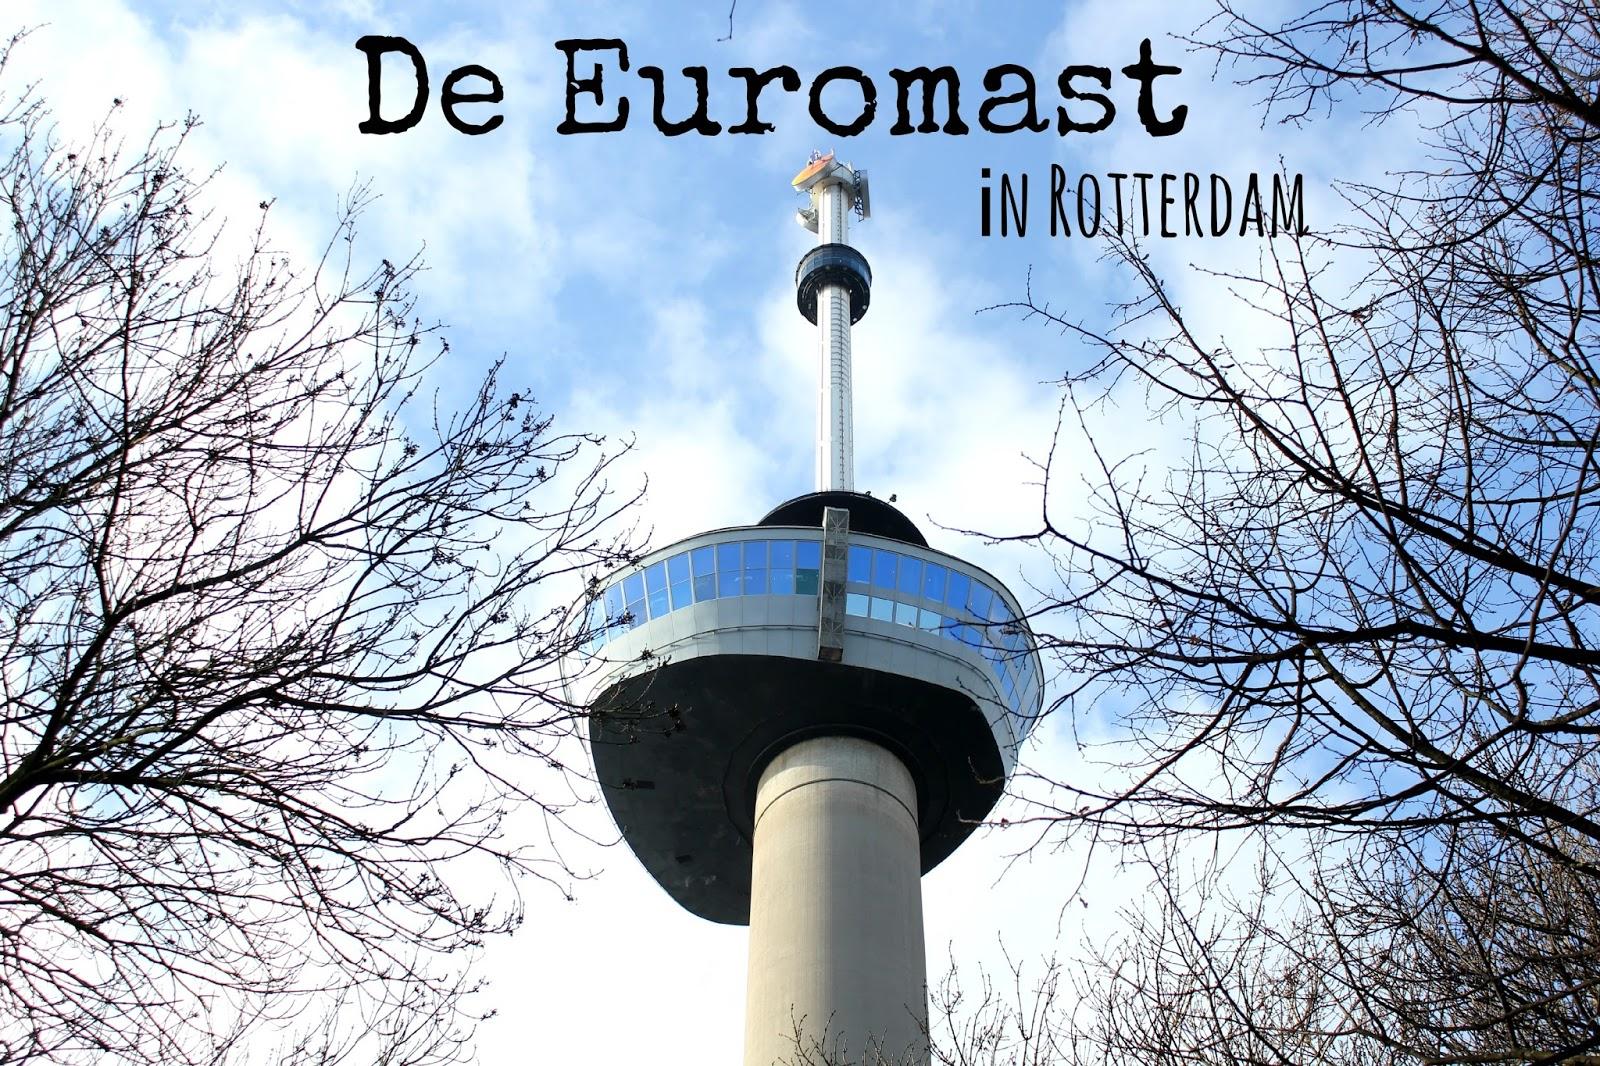 gratis datesite Delft